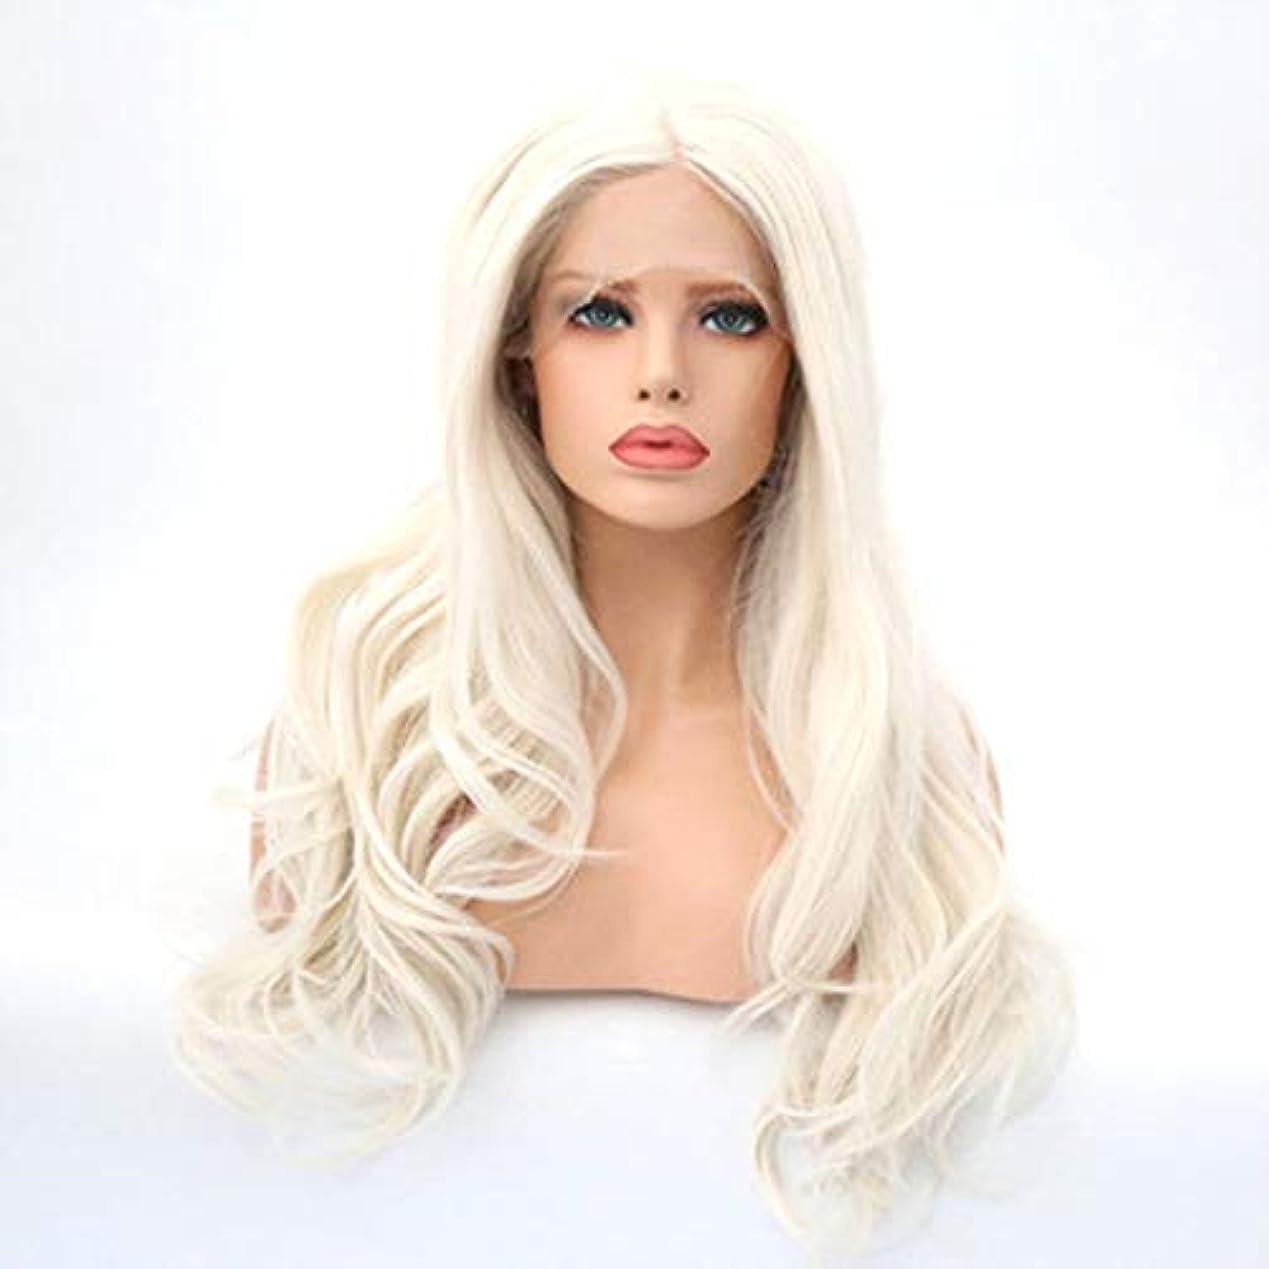 風刺素晴らしさ無駄にヘアピース 手仕事ウィッグ女性用フードフロントレース高温シルク化学繊維かつらロング巻き毛